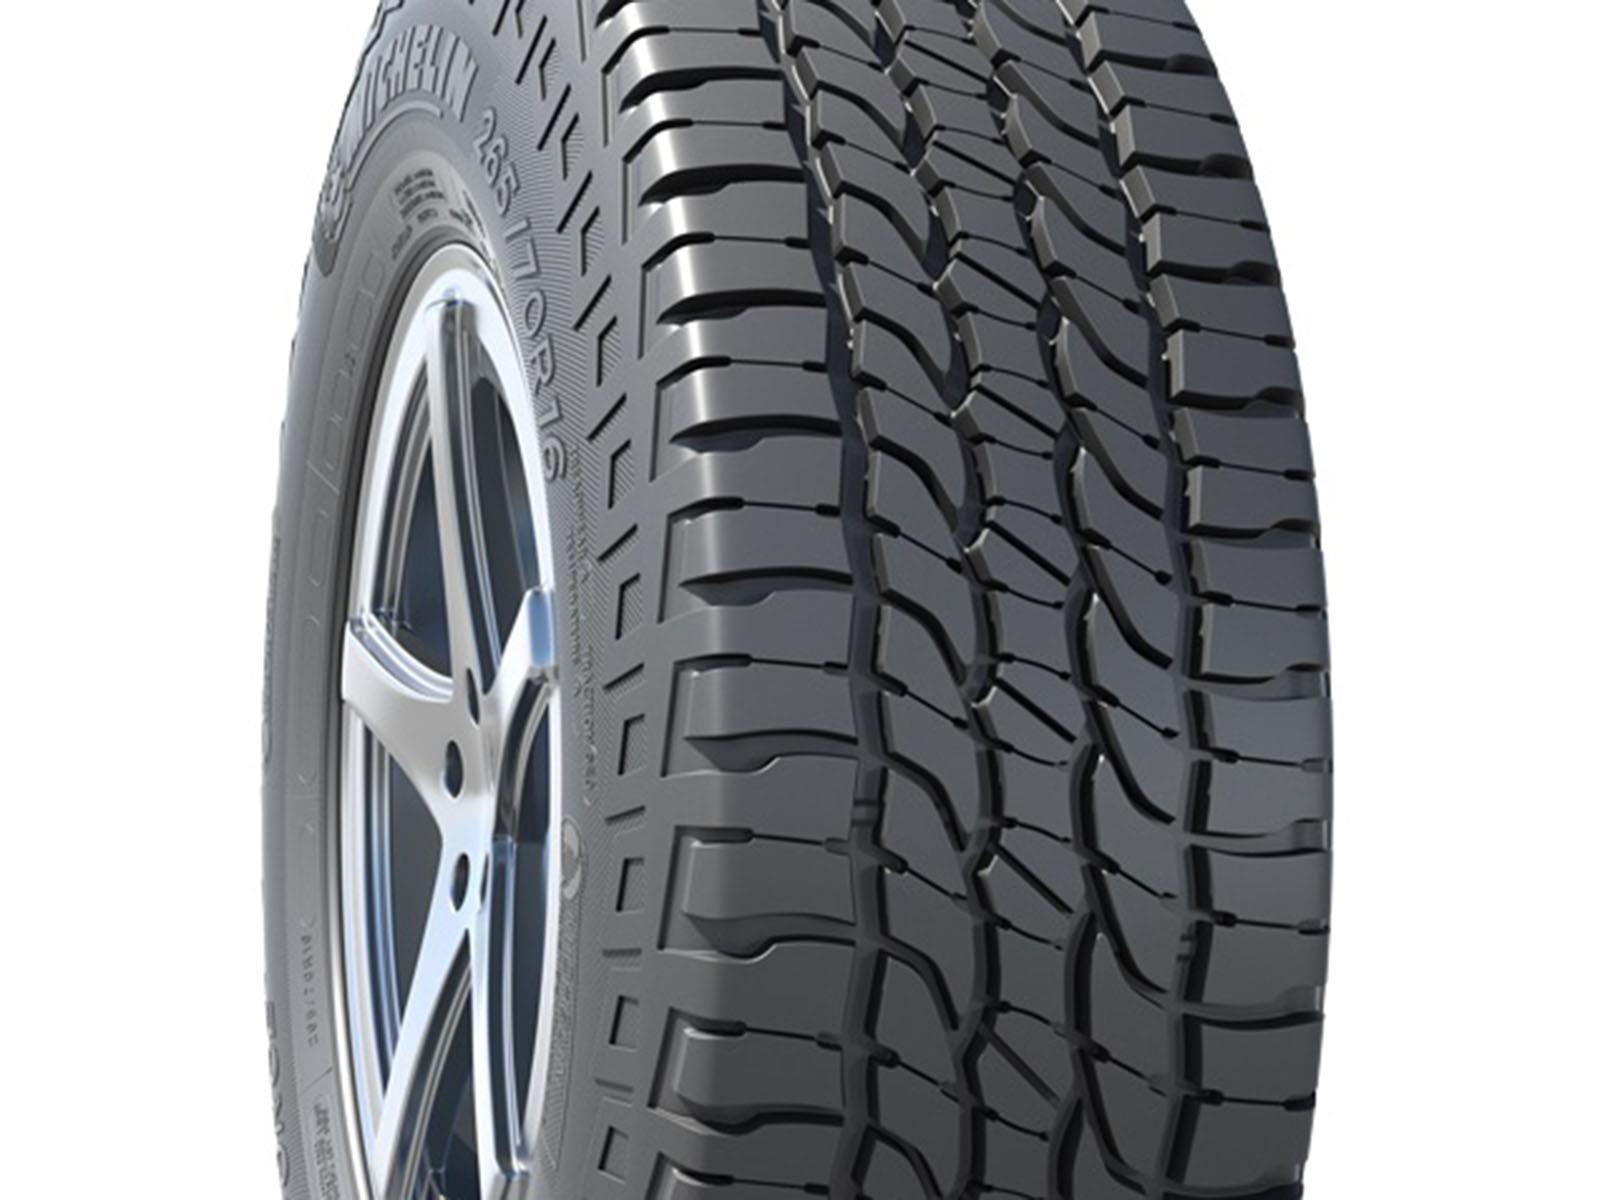 Michelin Ltx Force El Nuevo Neum 225 Tico De Uso Mixto